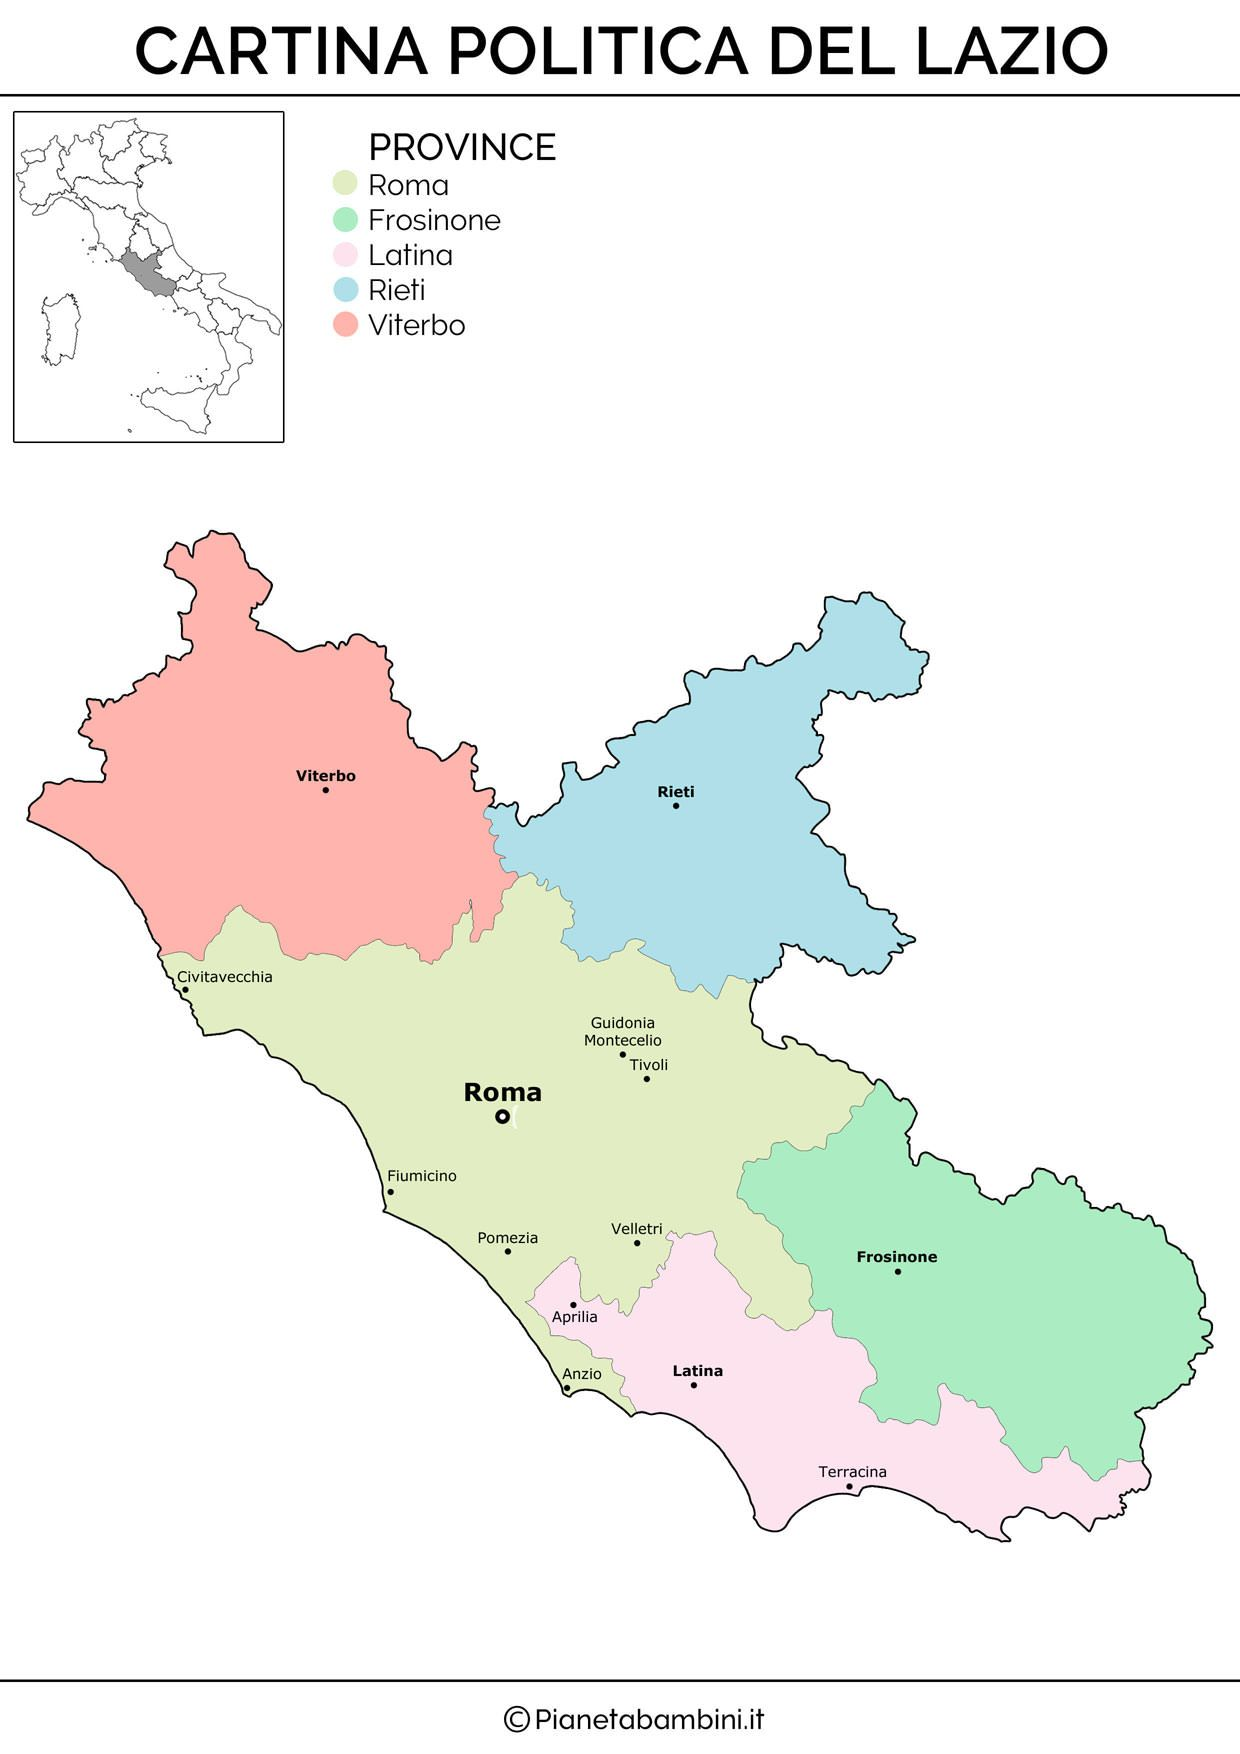 Cartina Fisica Lazio Da Stampare.Cartina Muta Fisica E Politica Del Lazio Da Stampare